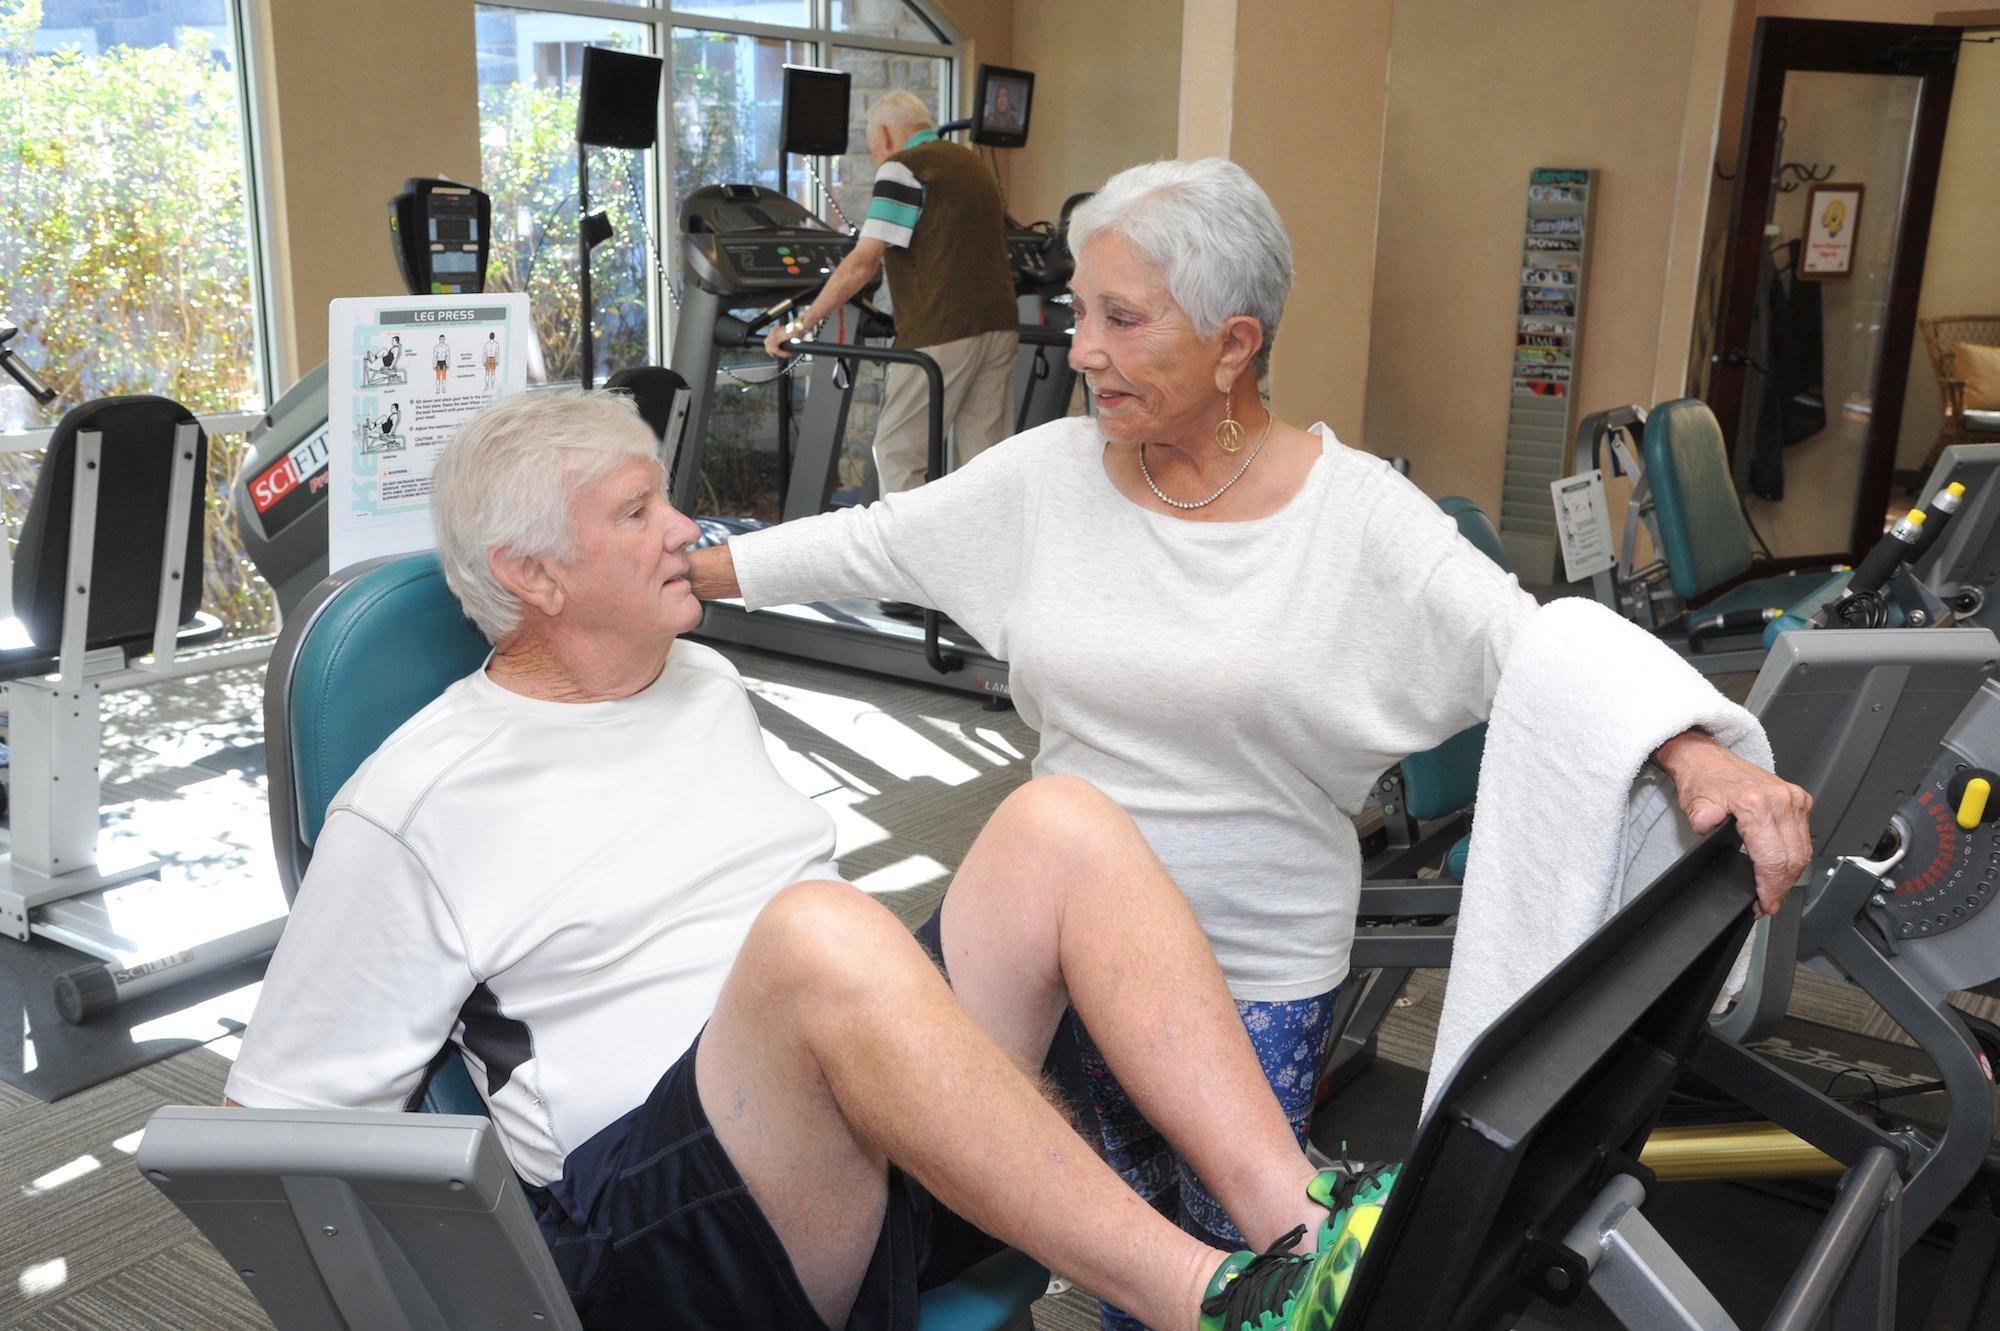 park springs fitness center